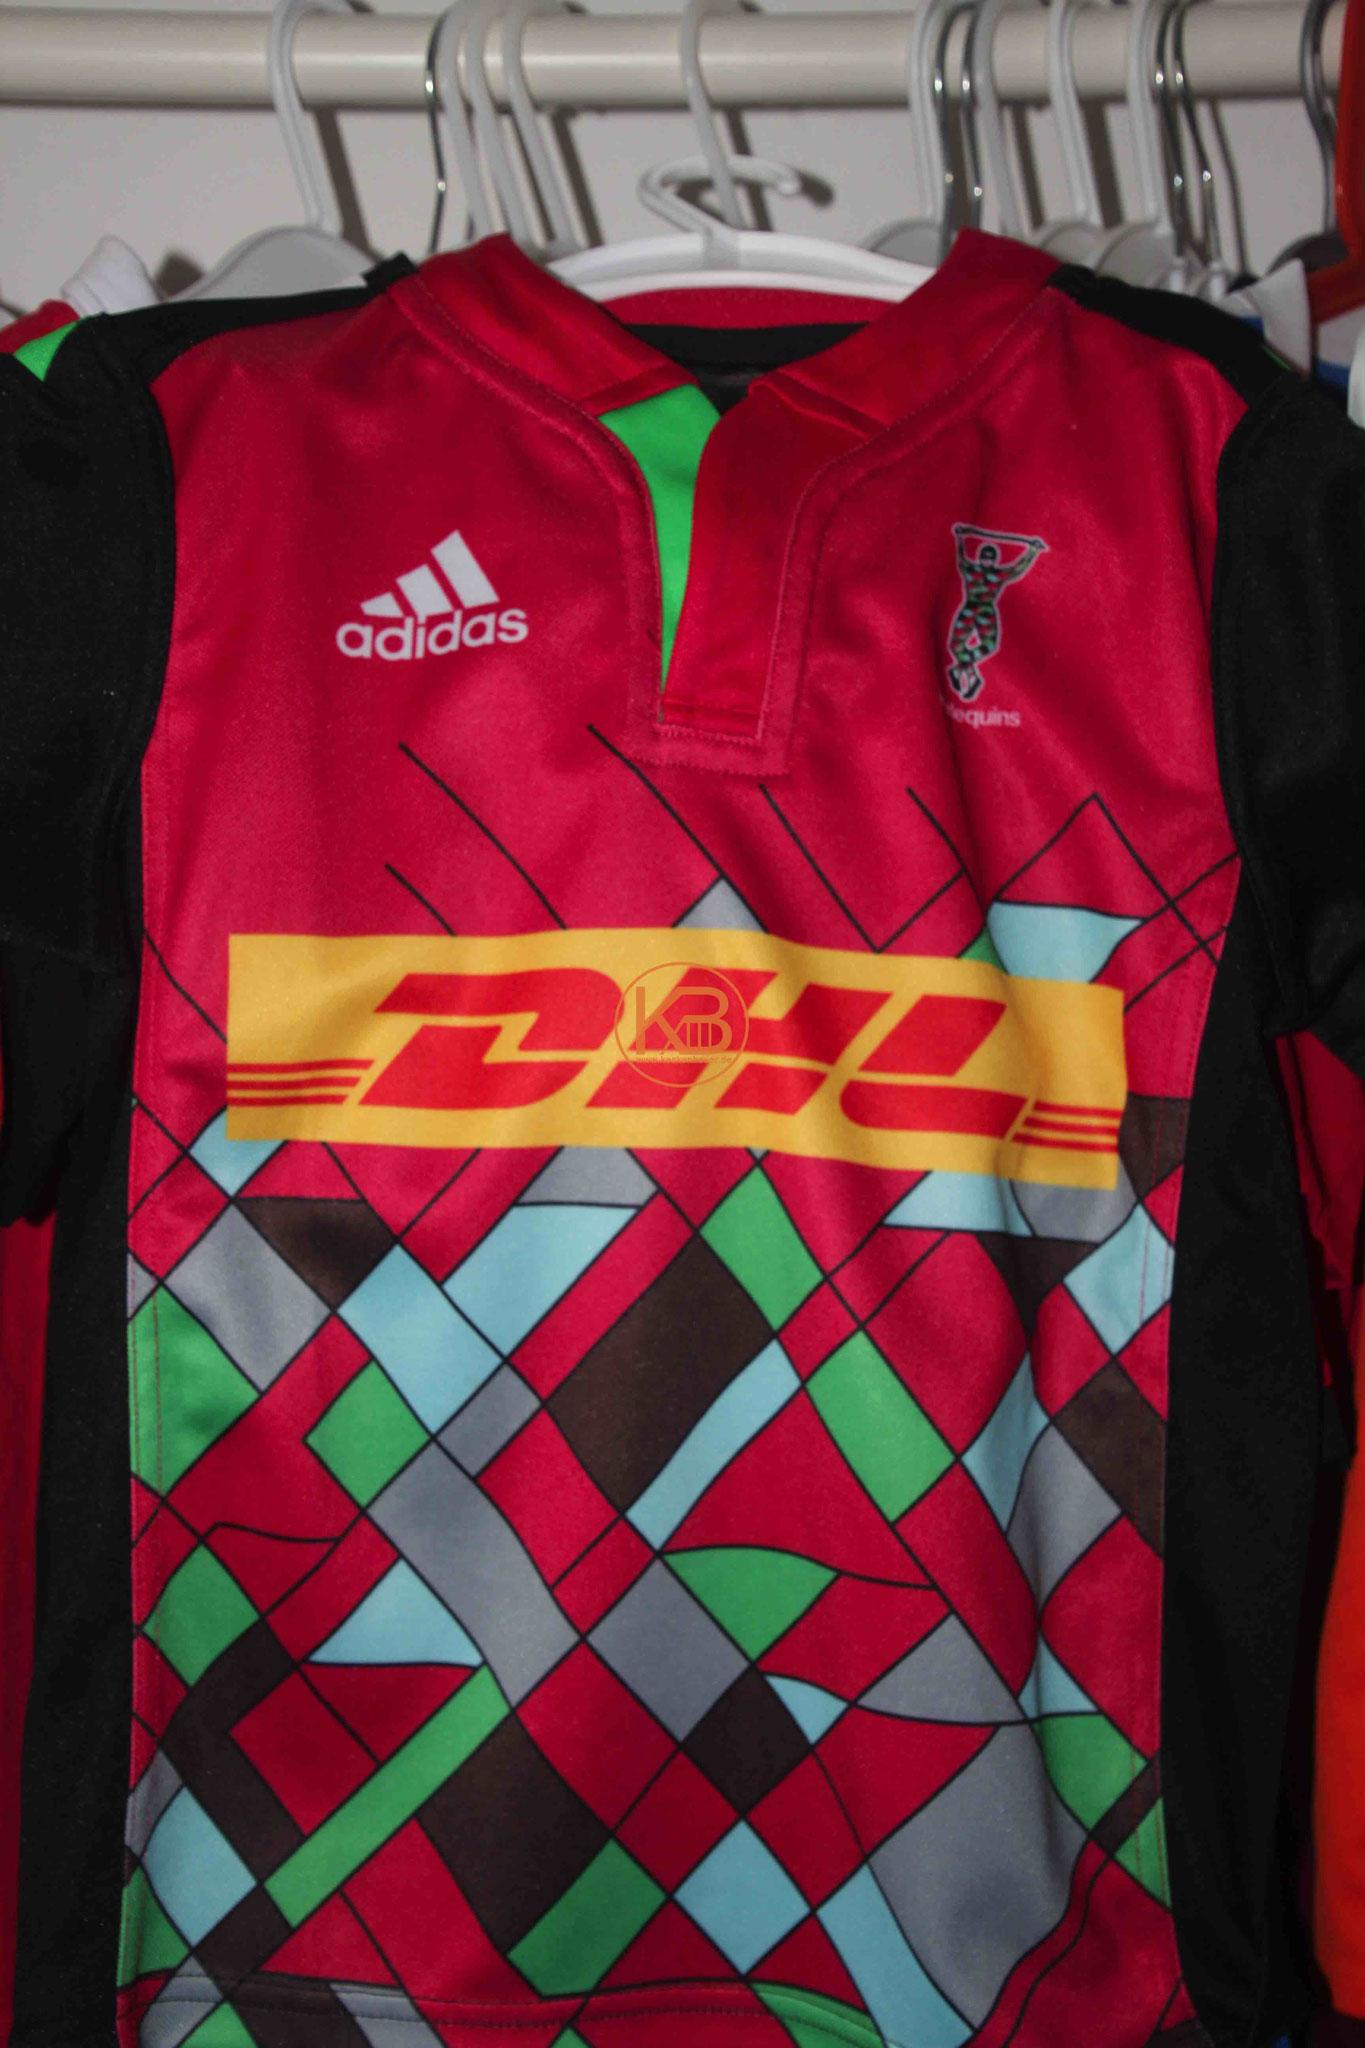 Adidas Rugby Trikot von den Harlequins